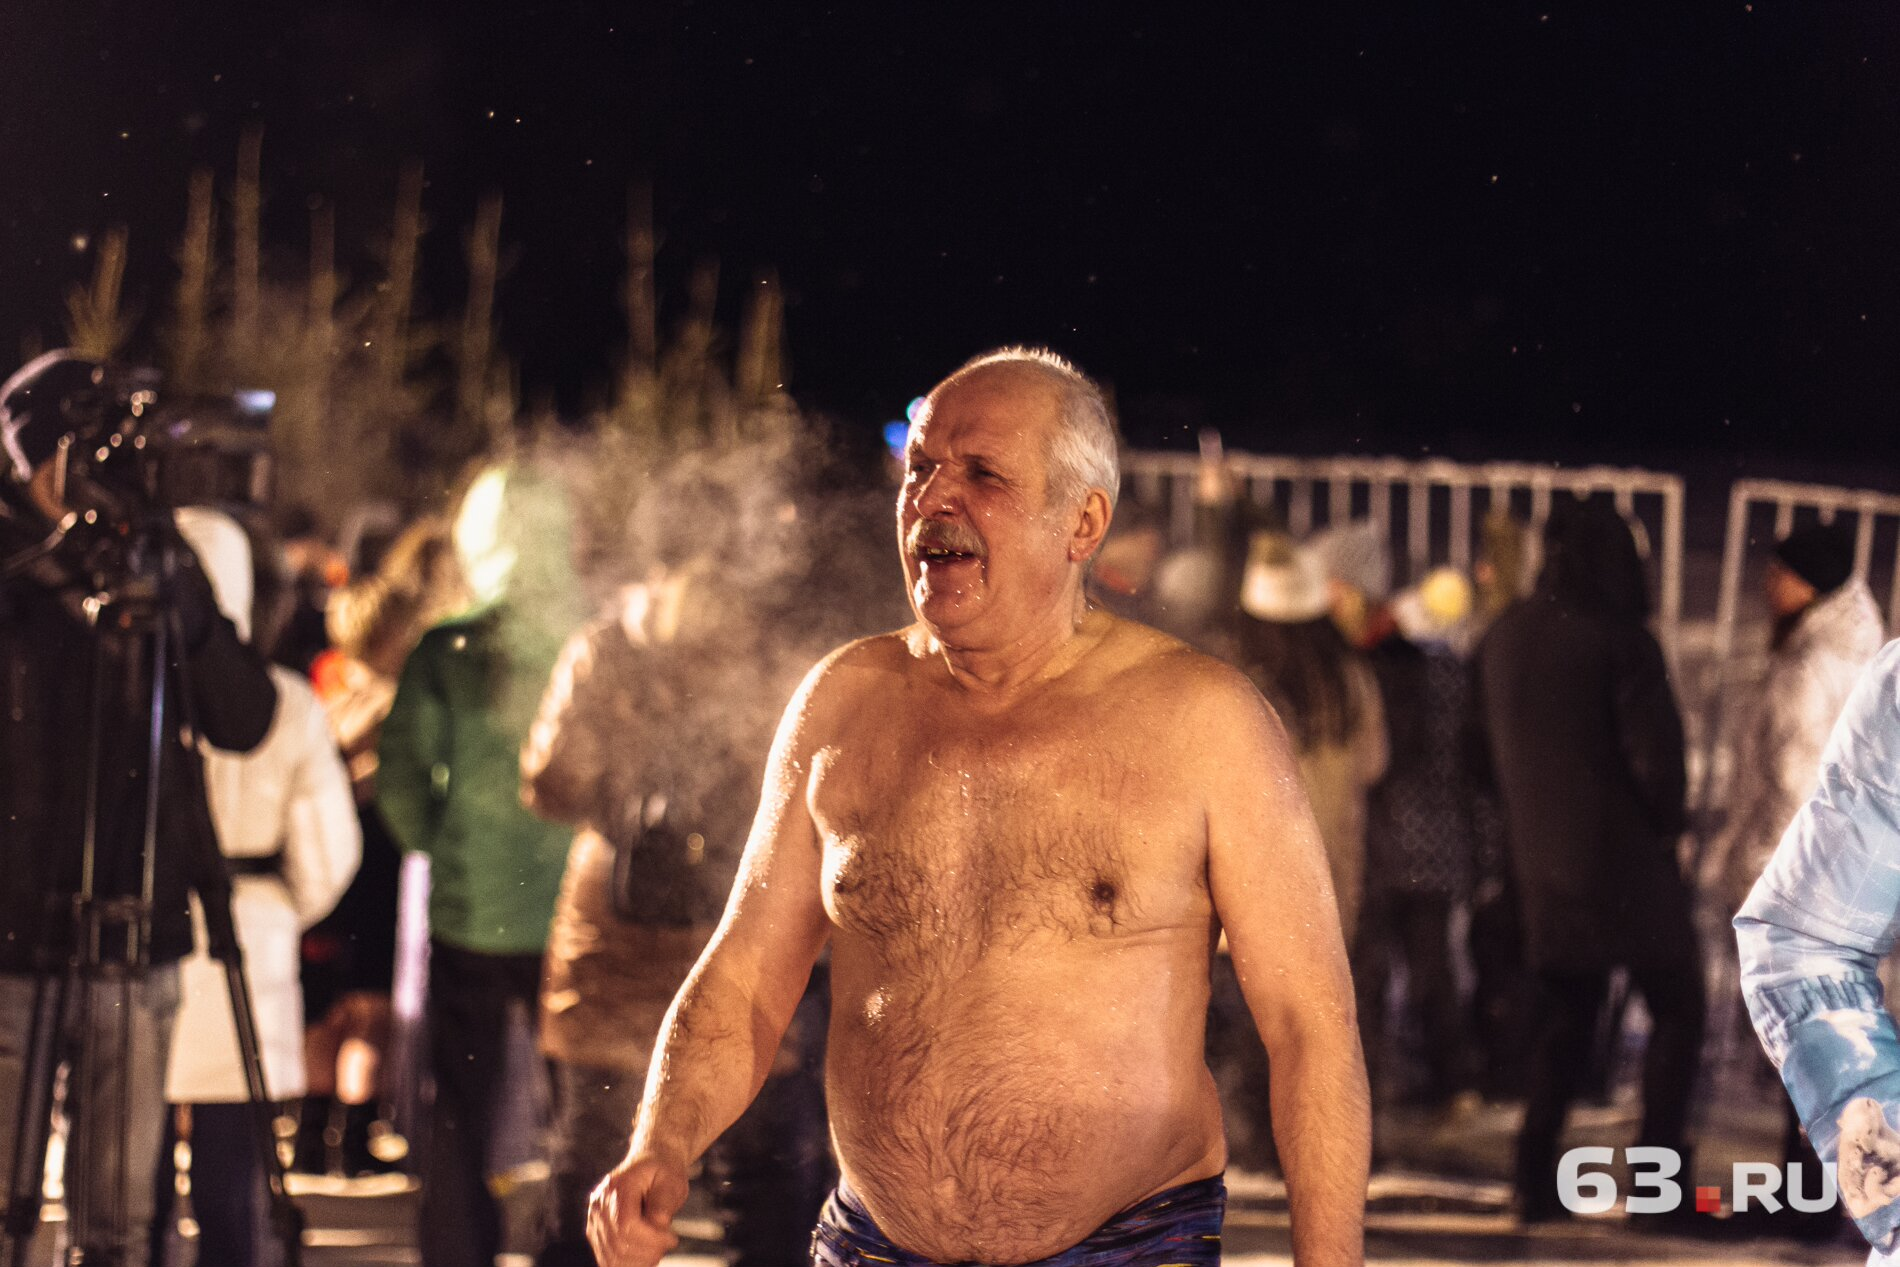 Мужчина из Самары гуляет по морозу топлесс и, кажется, ему нормально